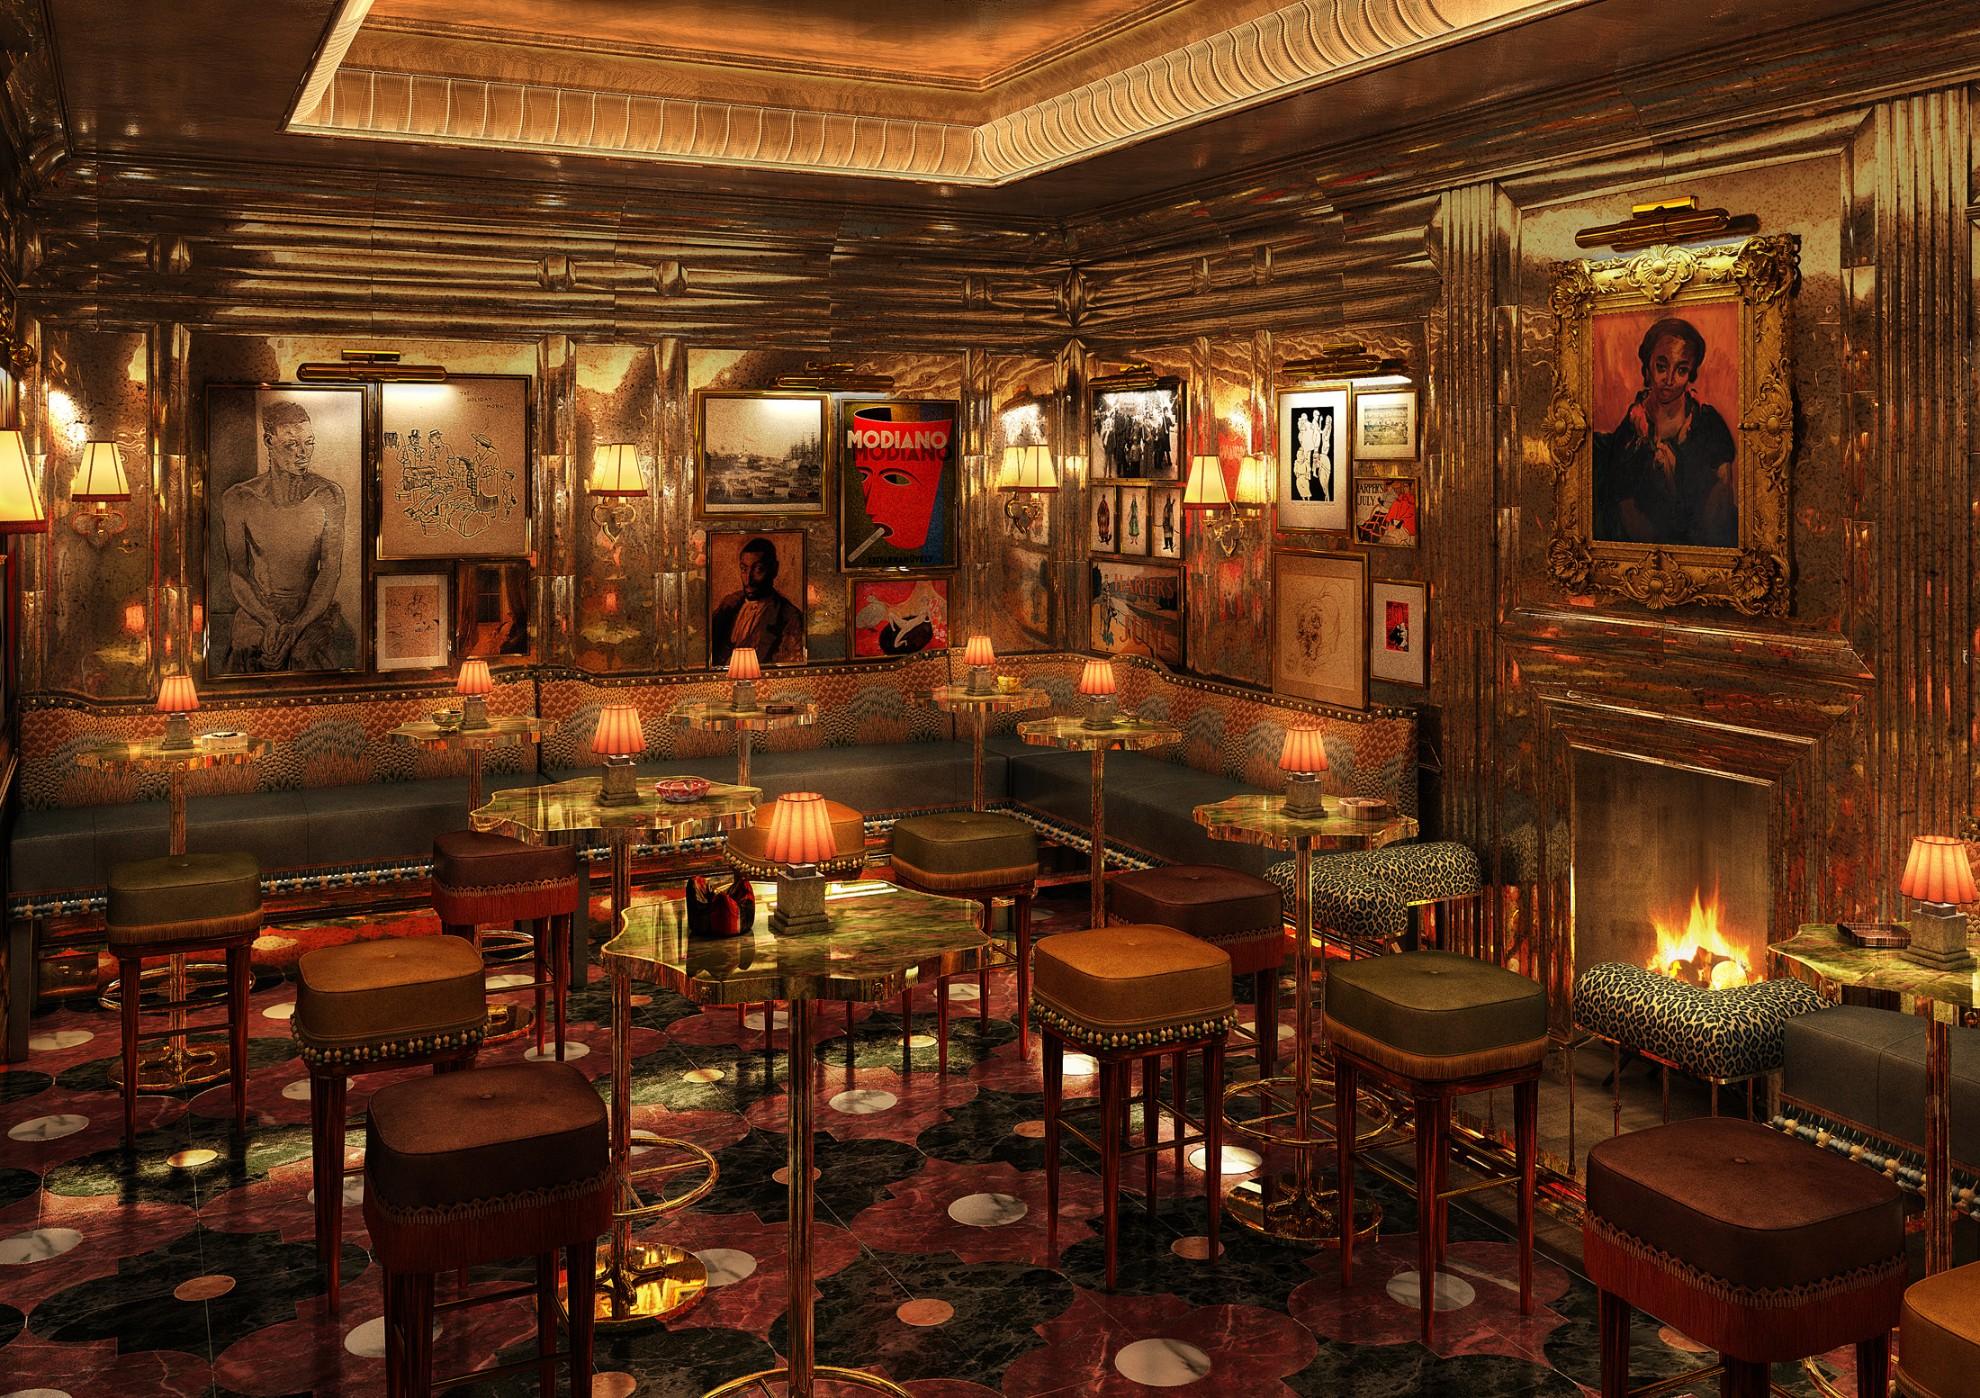 Club privata